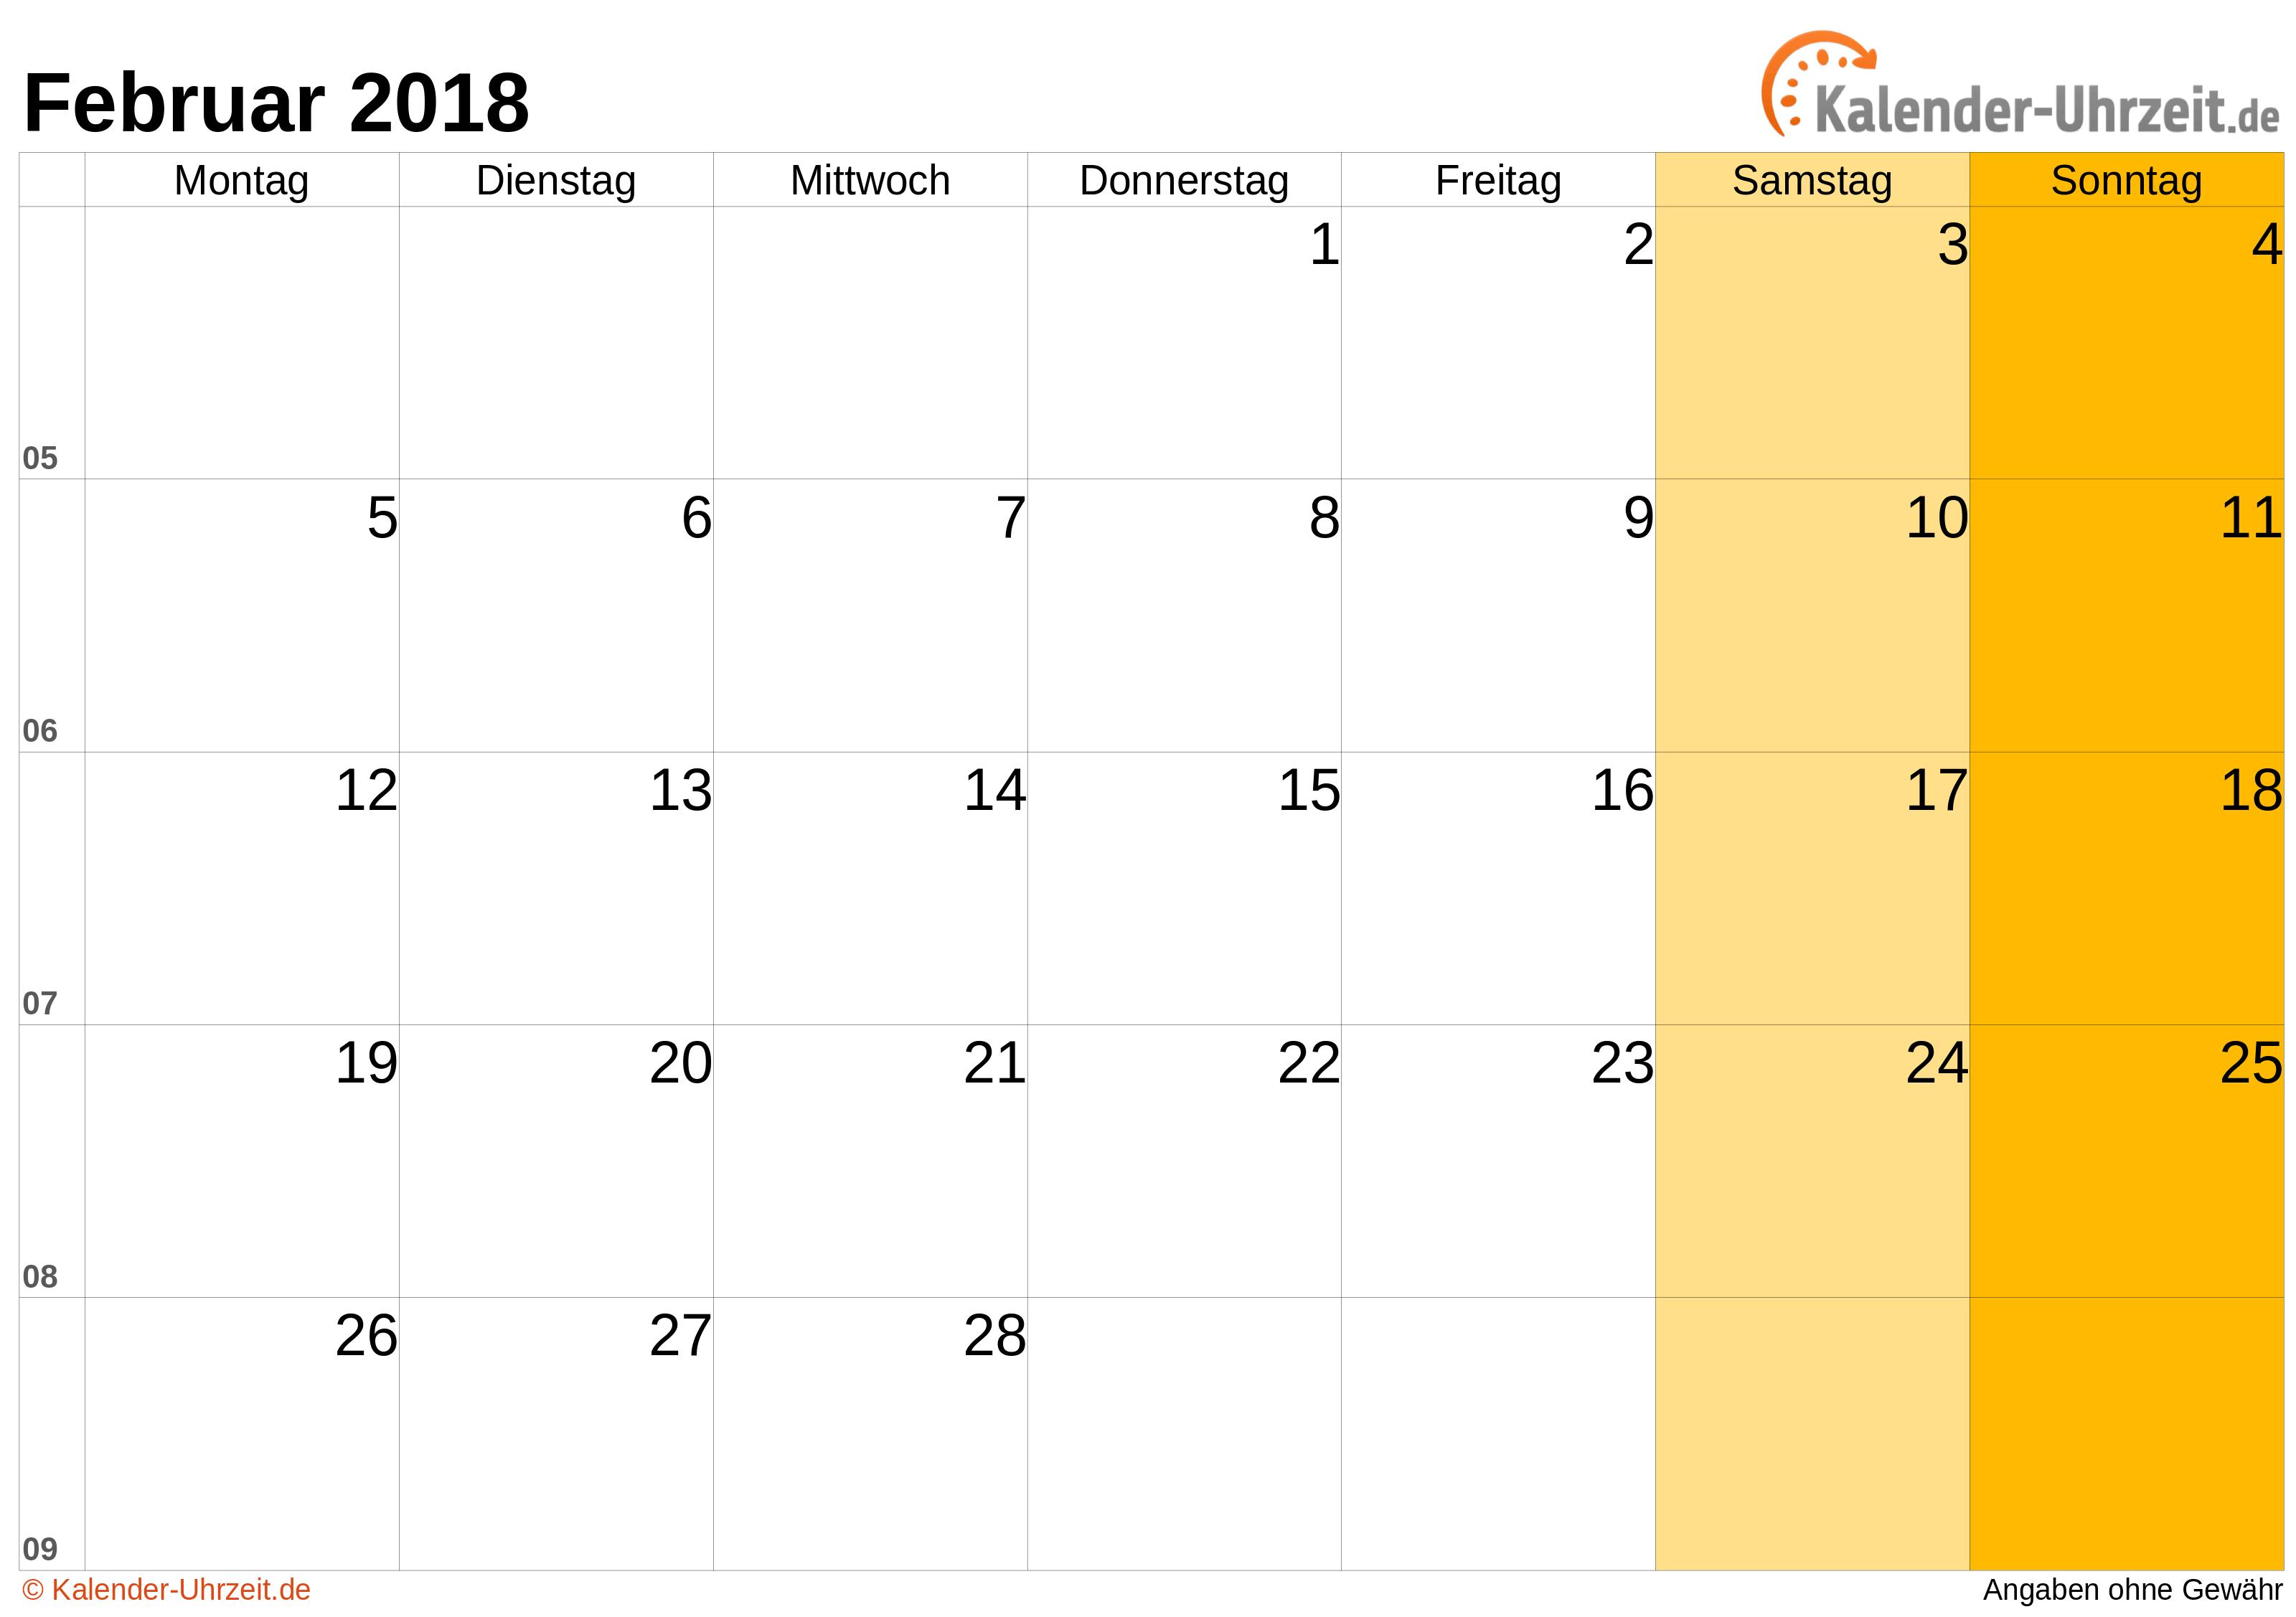 Februar 2018 Kalender mit Feiertagen